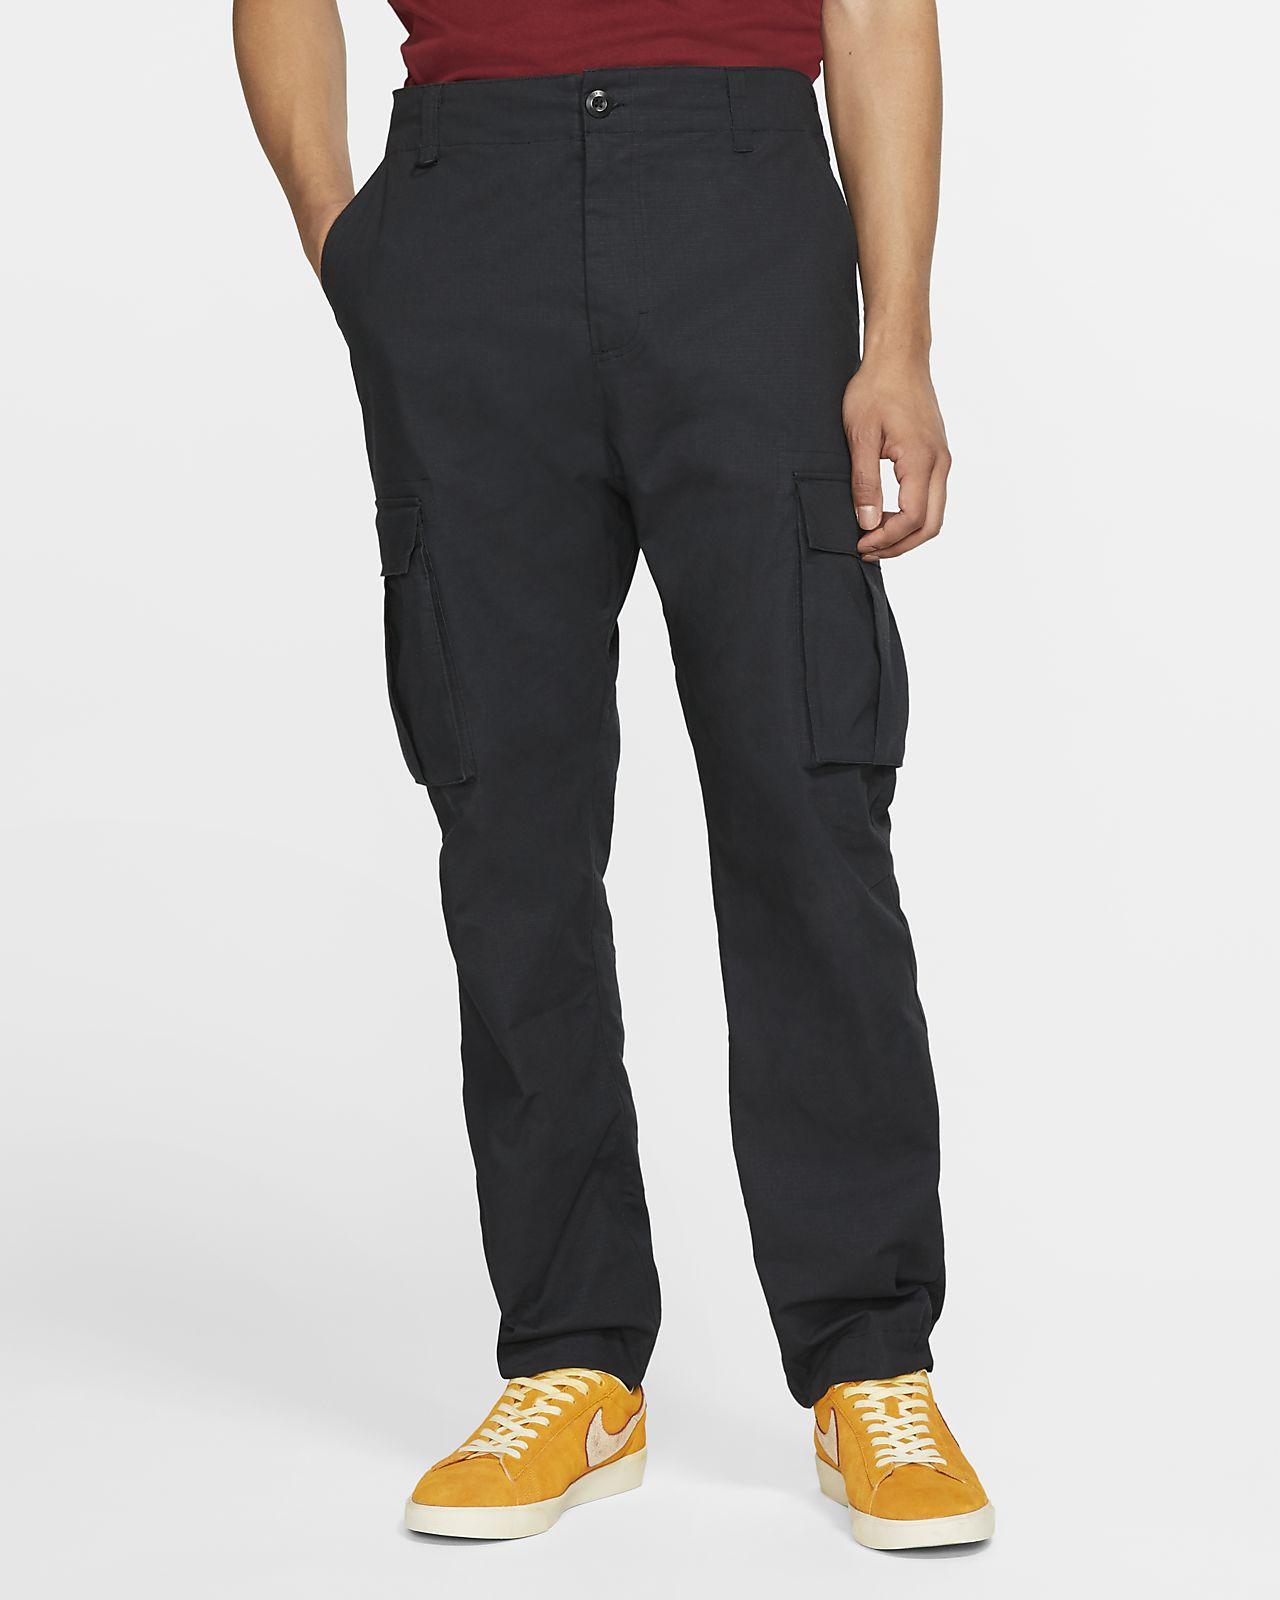 Nike SB Flex FTM Pantalón de skateboard - Hombre